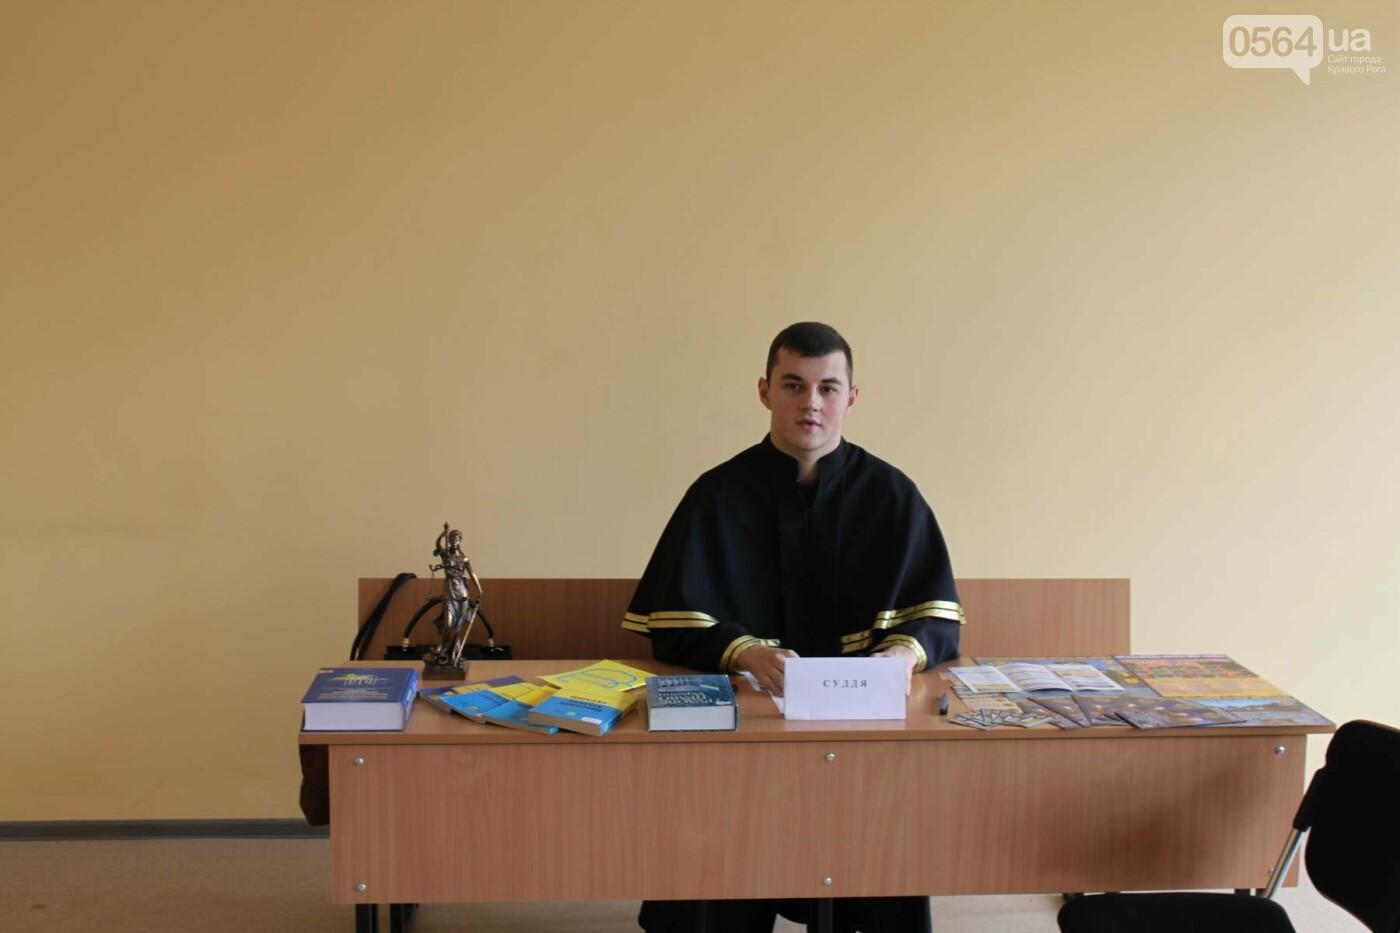 День открытых дверей в ДЮИ: качественное юридическое образование и перспективные престижные  профессии, фото-5